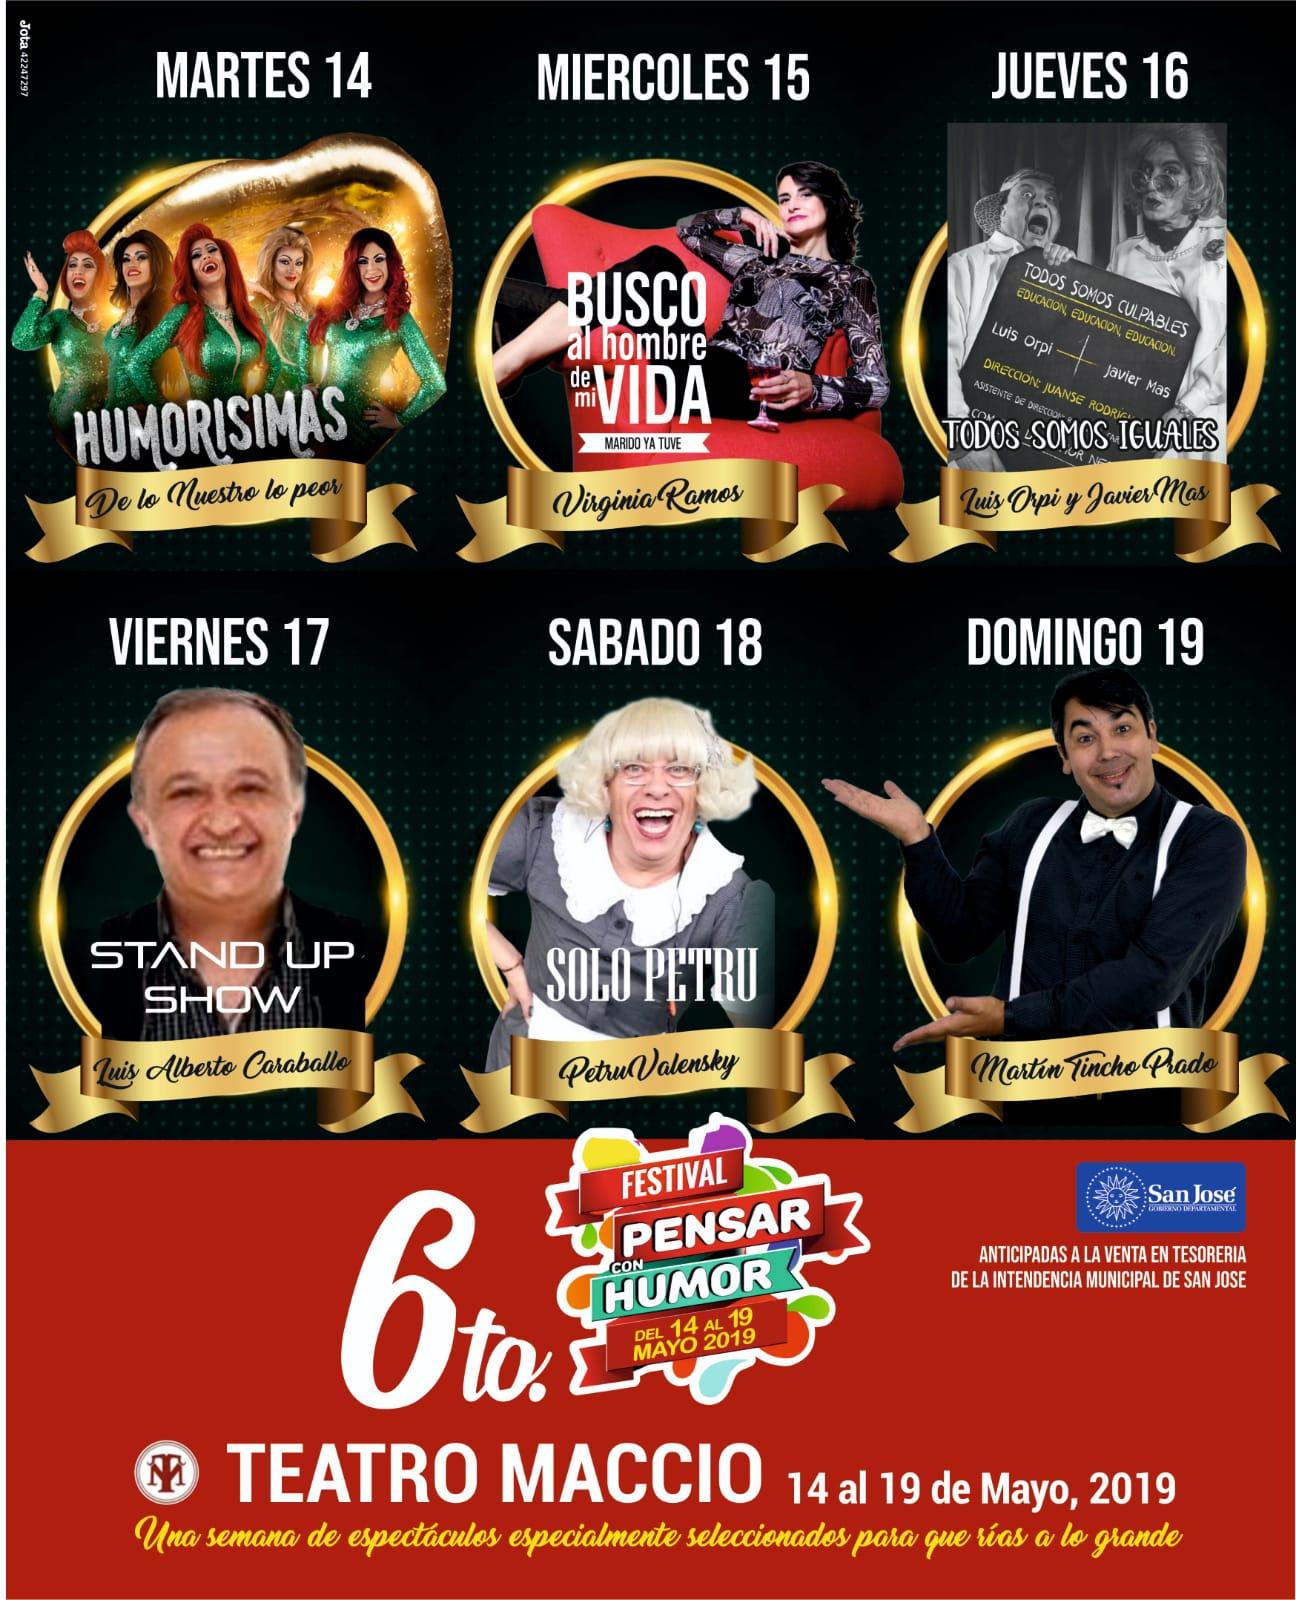 Pensar con Humor - Teatro Maccio de San José